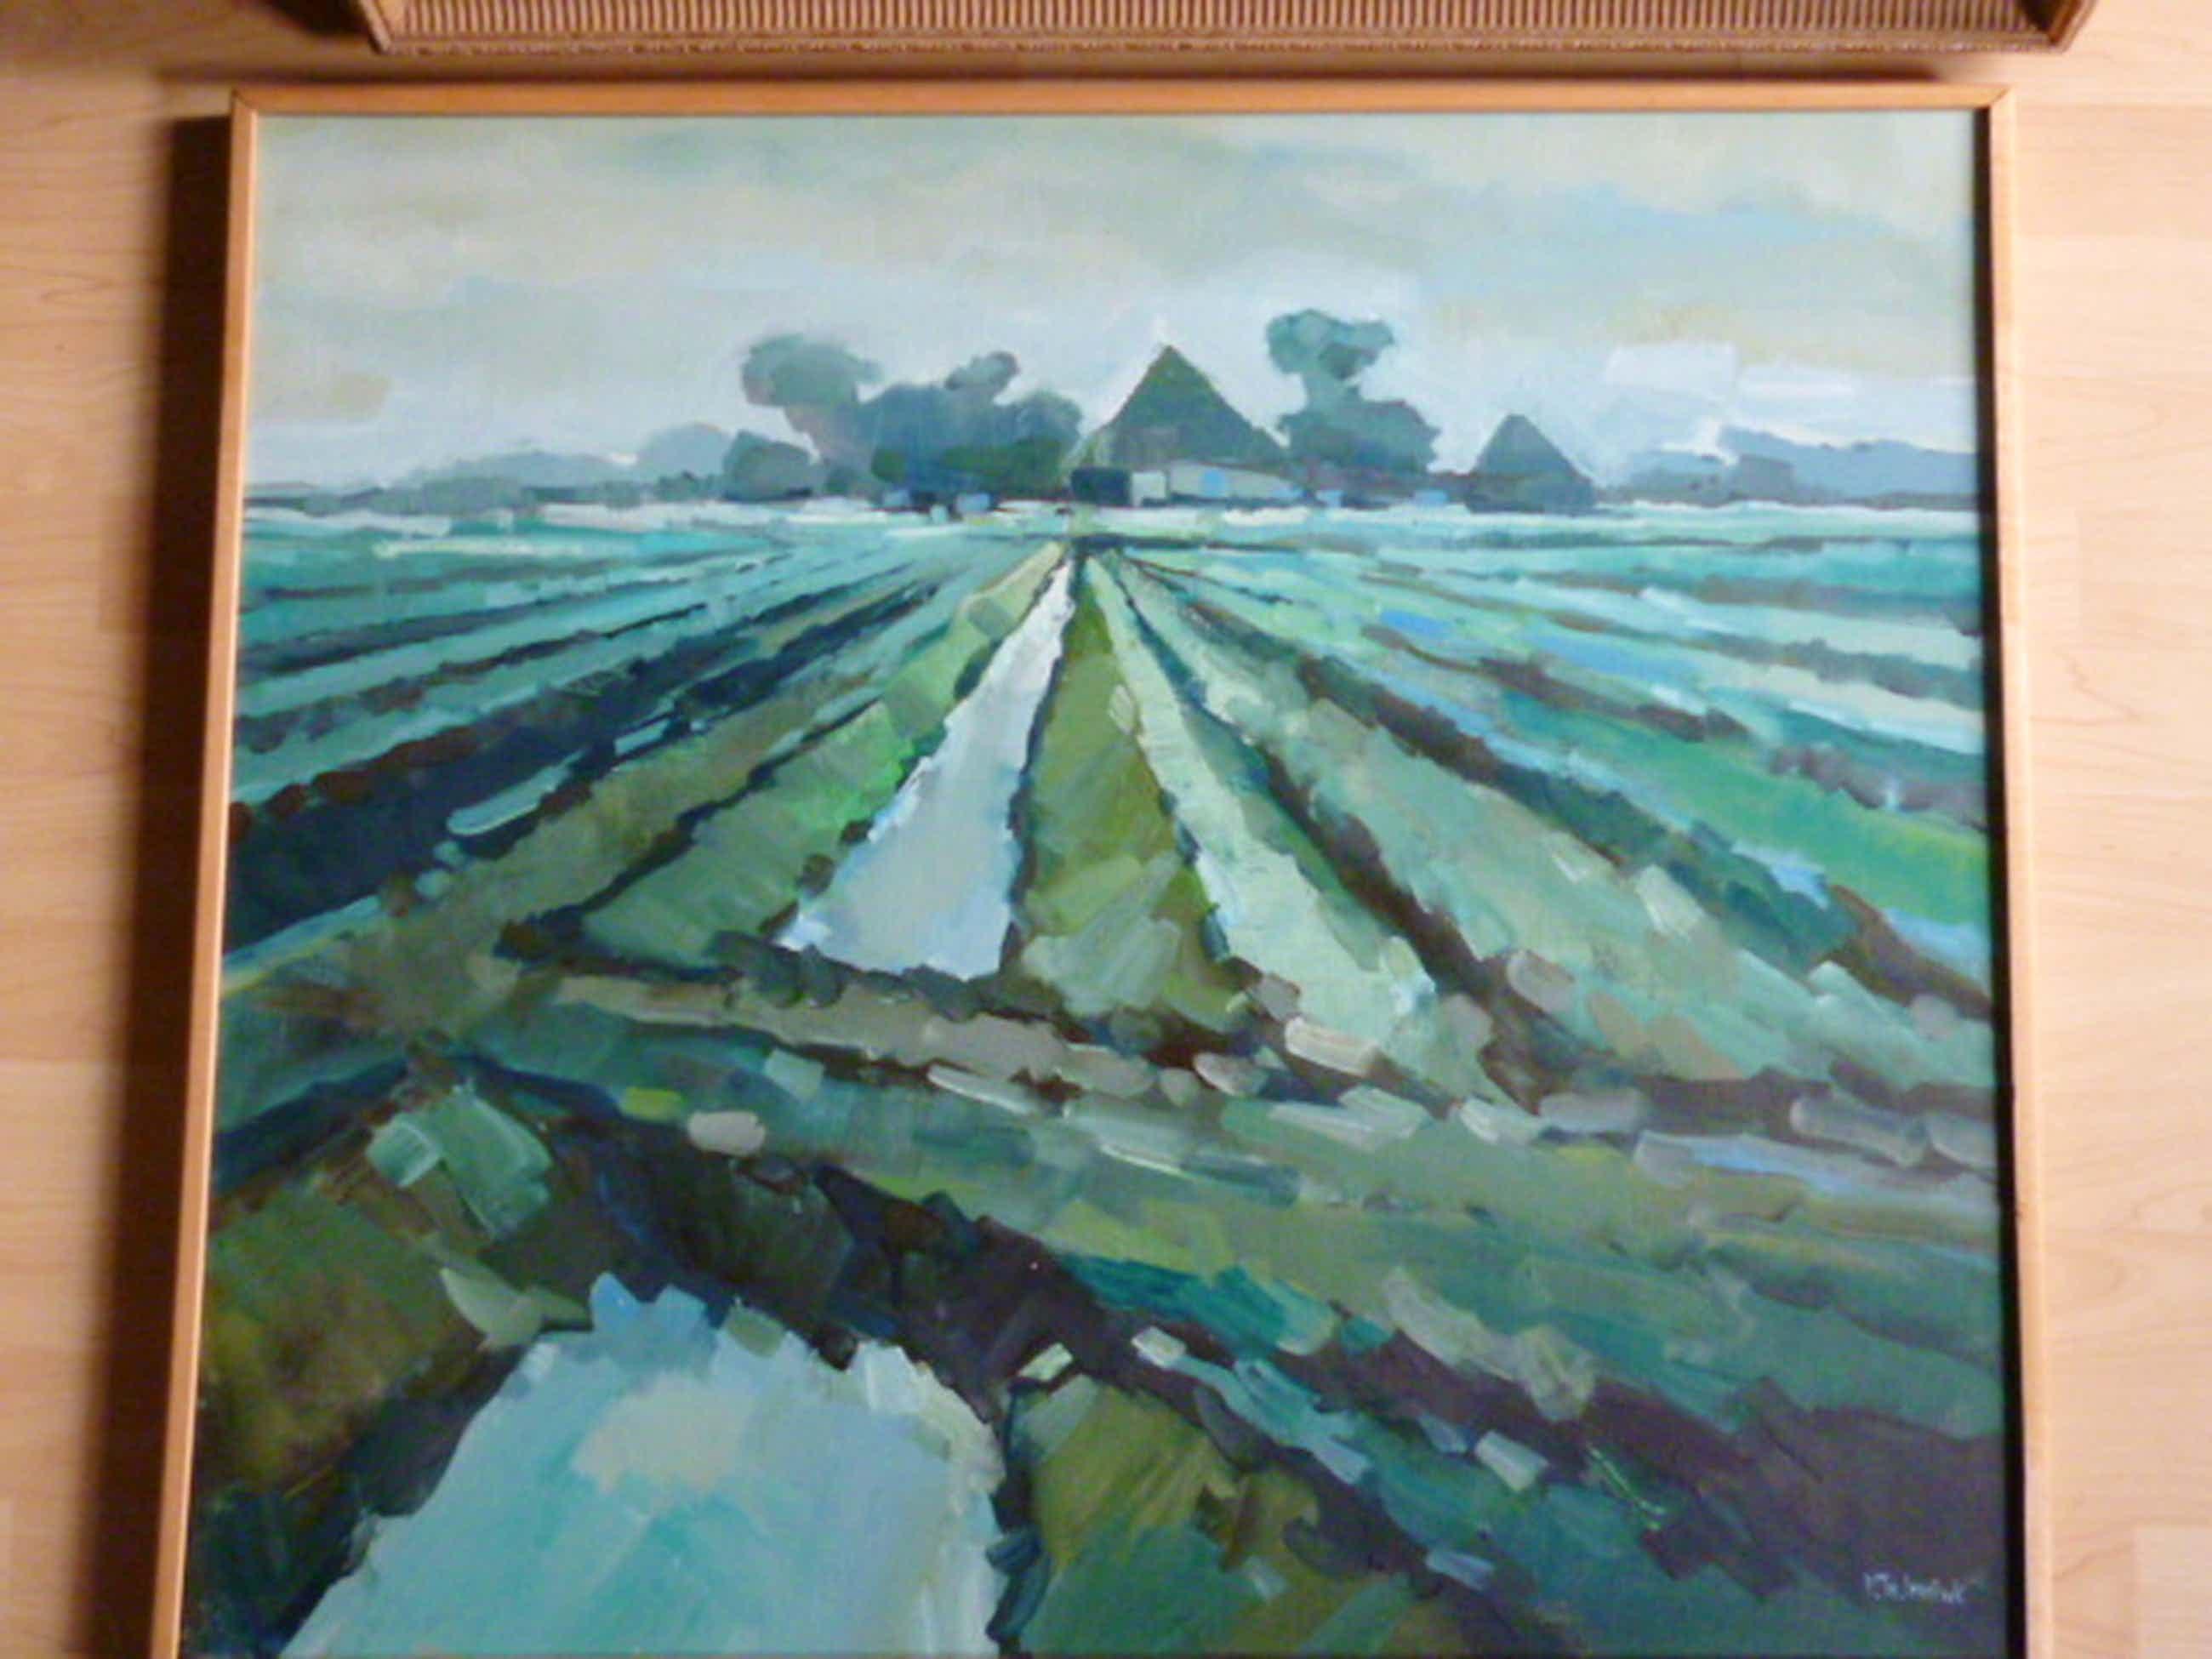 Bob Immink - olieverf - Noordhollands landschap met stolpboerderijen kopen? Bied vanaf 225!